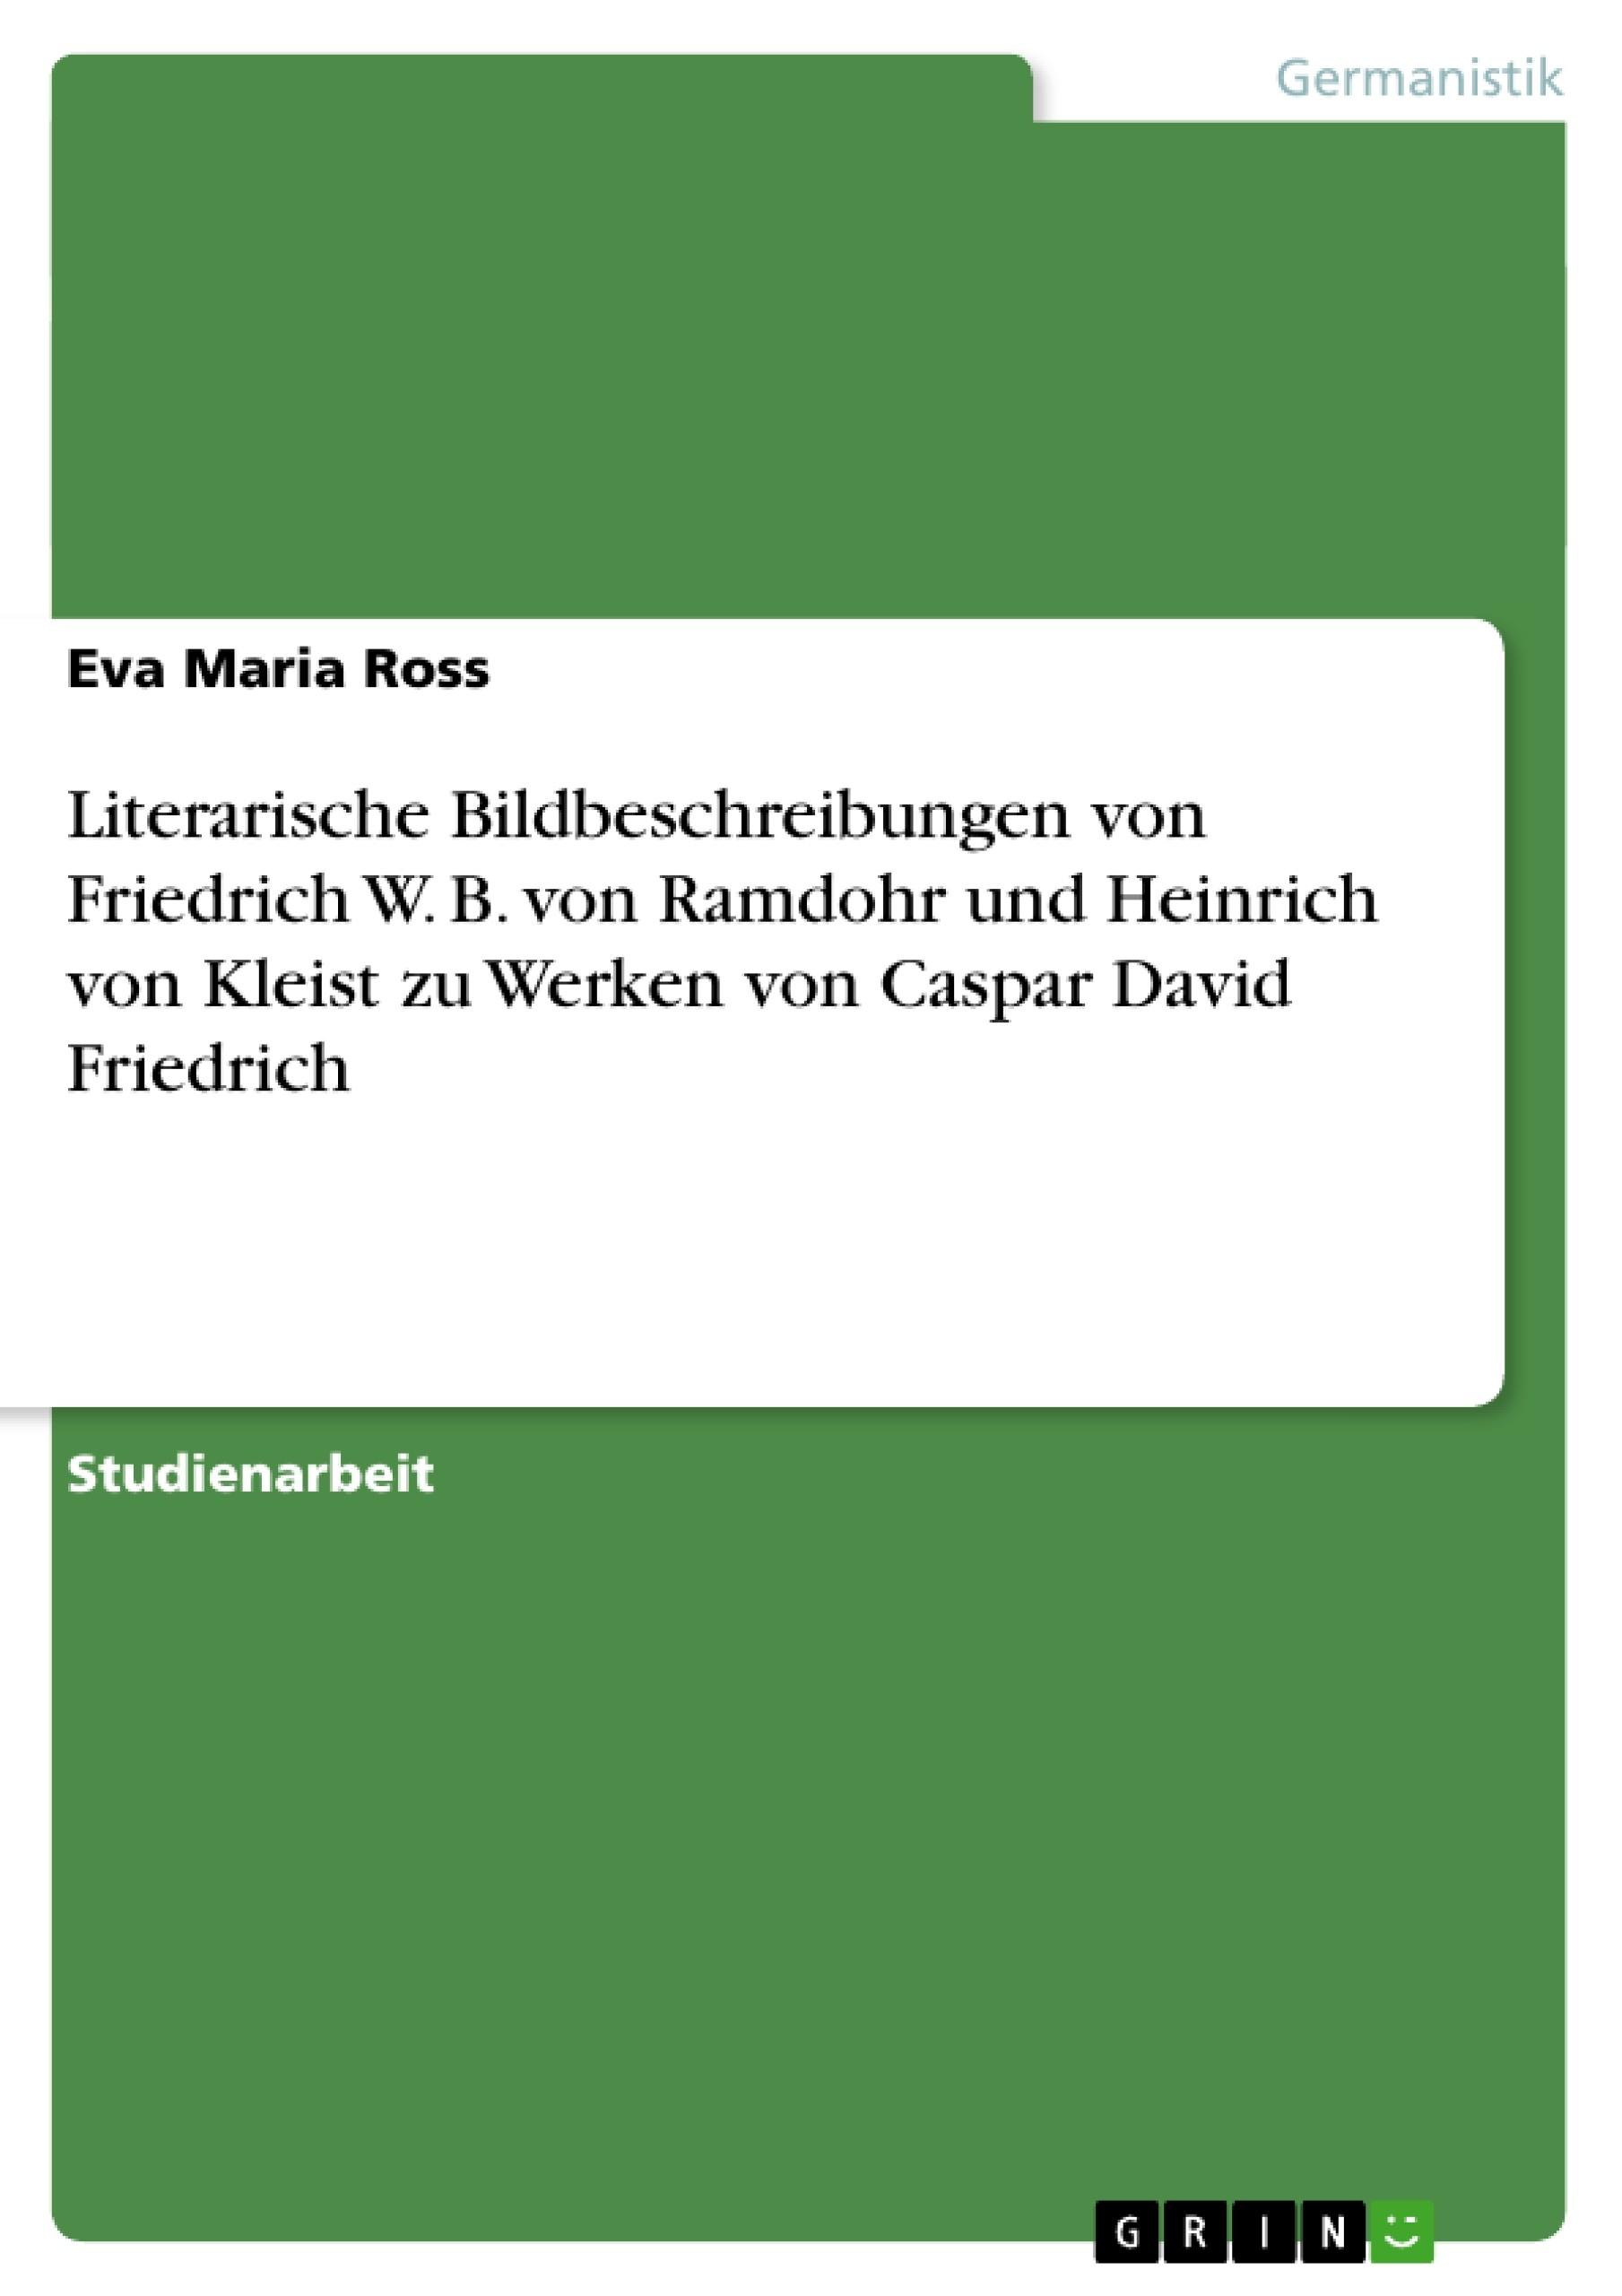 Titel: Literarische Bildbeschreibungen von Friedrich W. B. von Ramdohr und Heinrich von Kleist zu Werken von Caspar David Friedrich